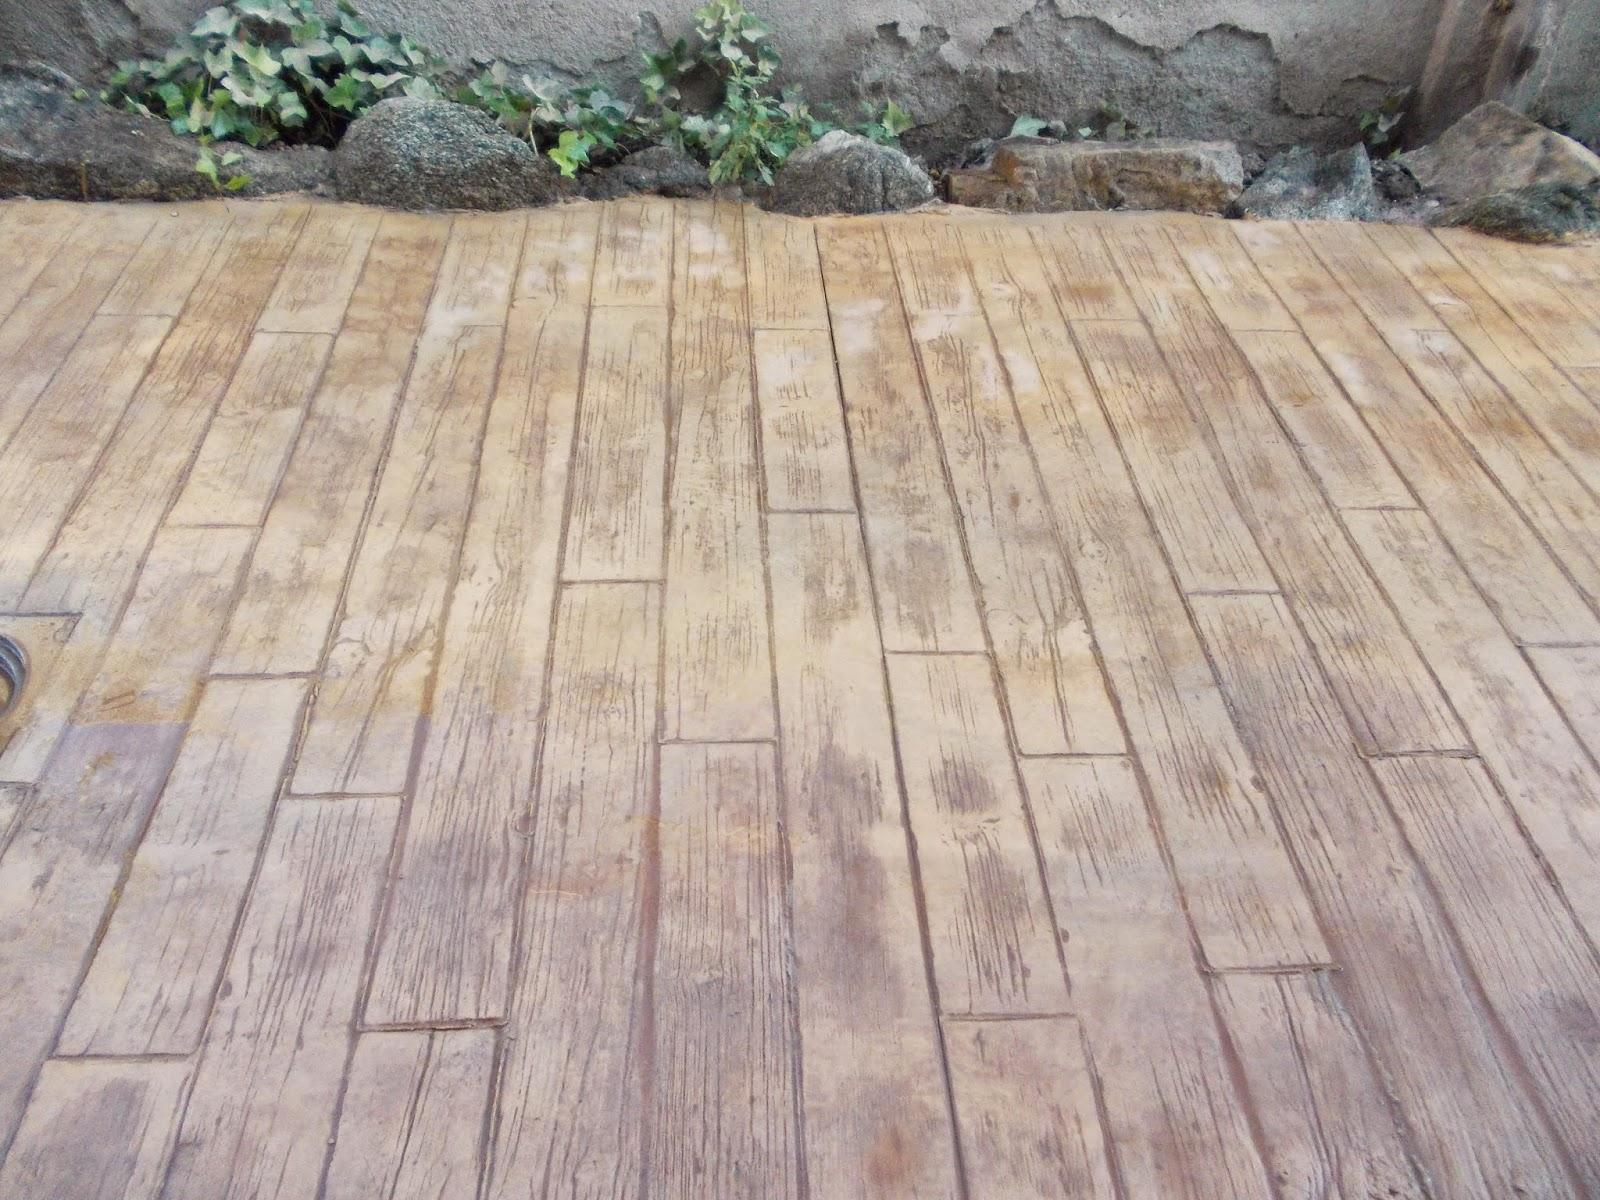 Pavimento continuo de hormig n impreso en guadamur for Hormigon impreso moldes